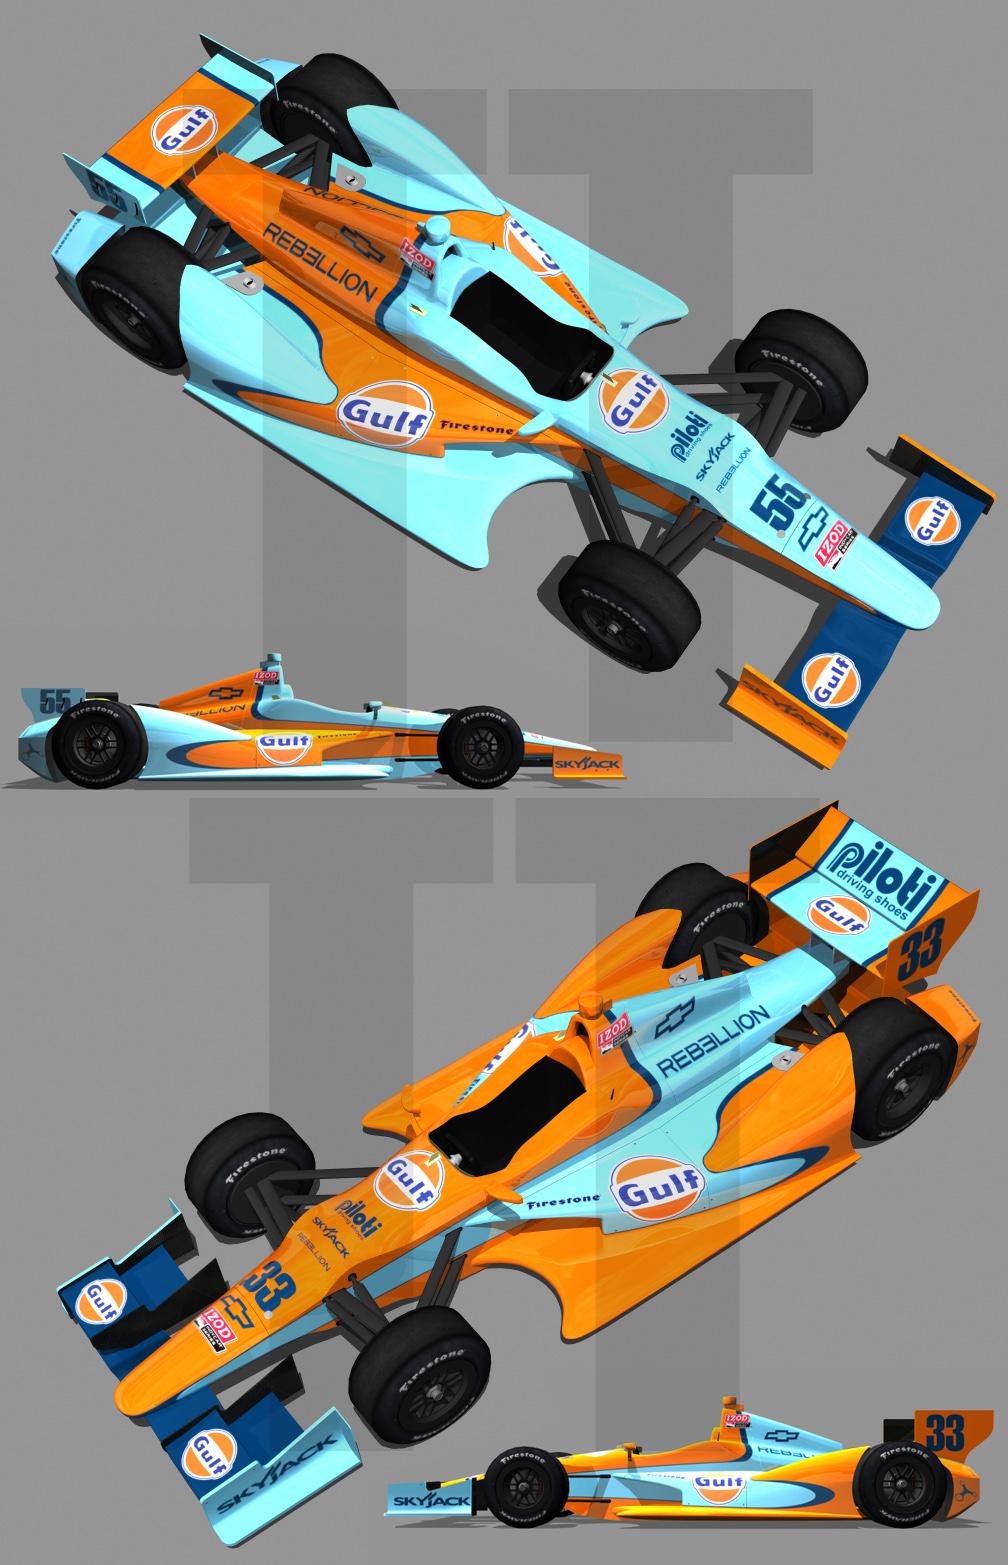 2012 Gulf Oil IndyCar by tucker65